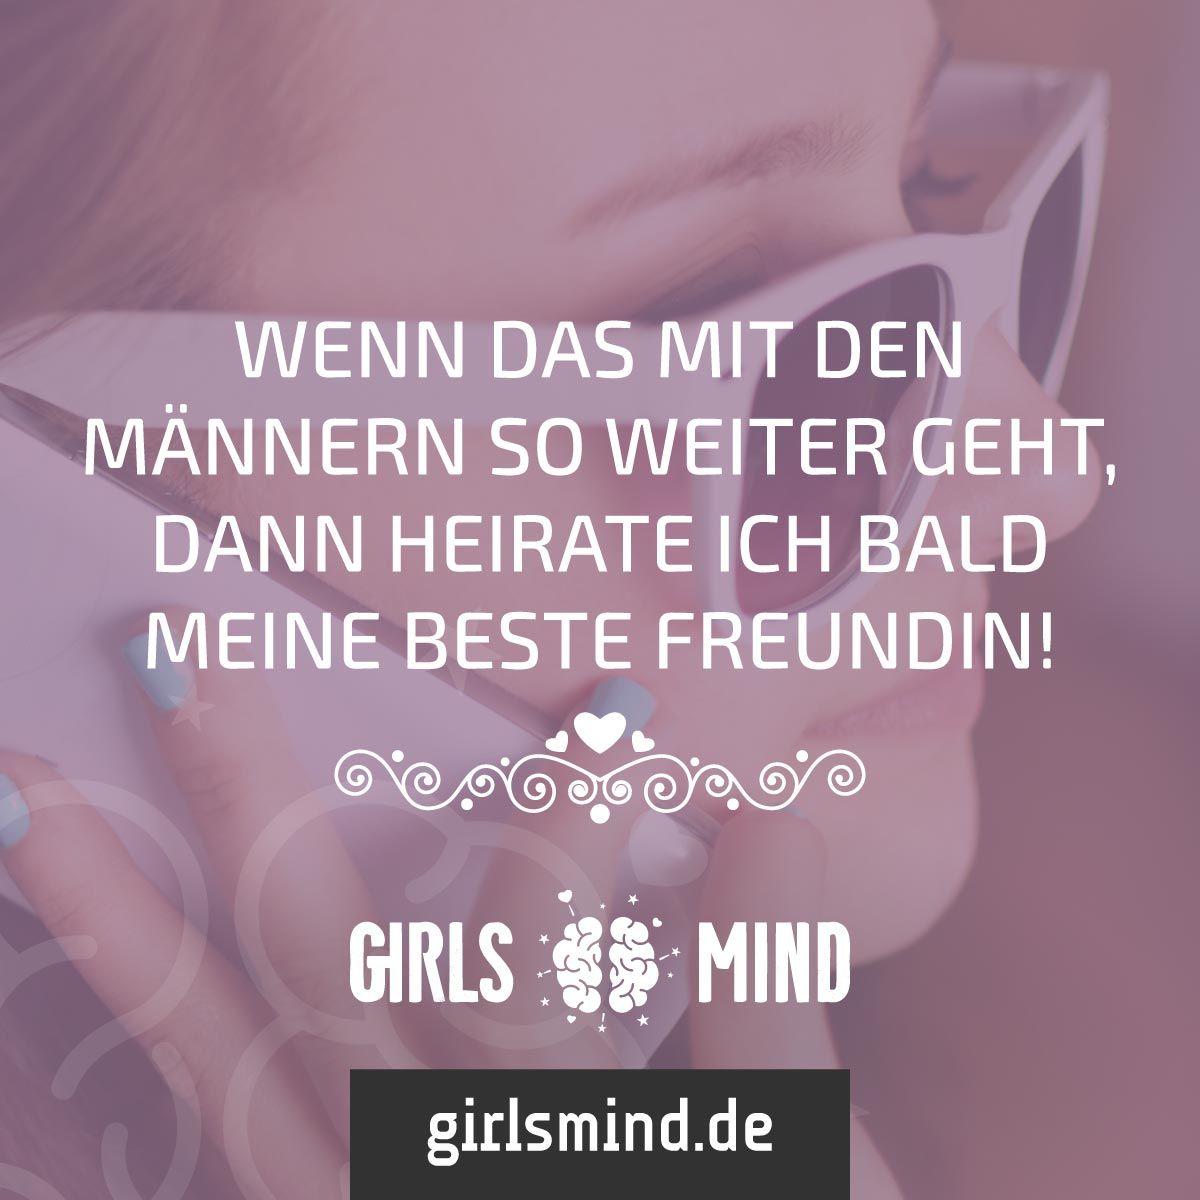 hauptsache ihr habt spaß. mehr sprüche auf: www.girlsheart.de